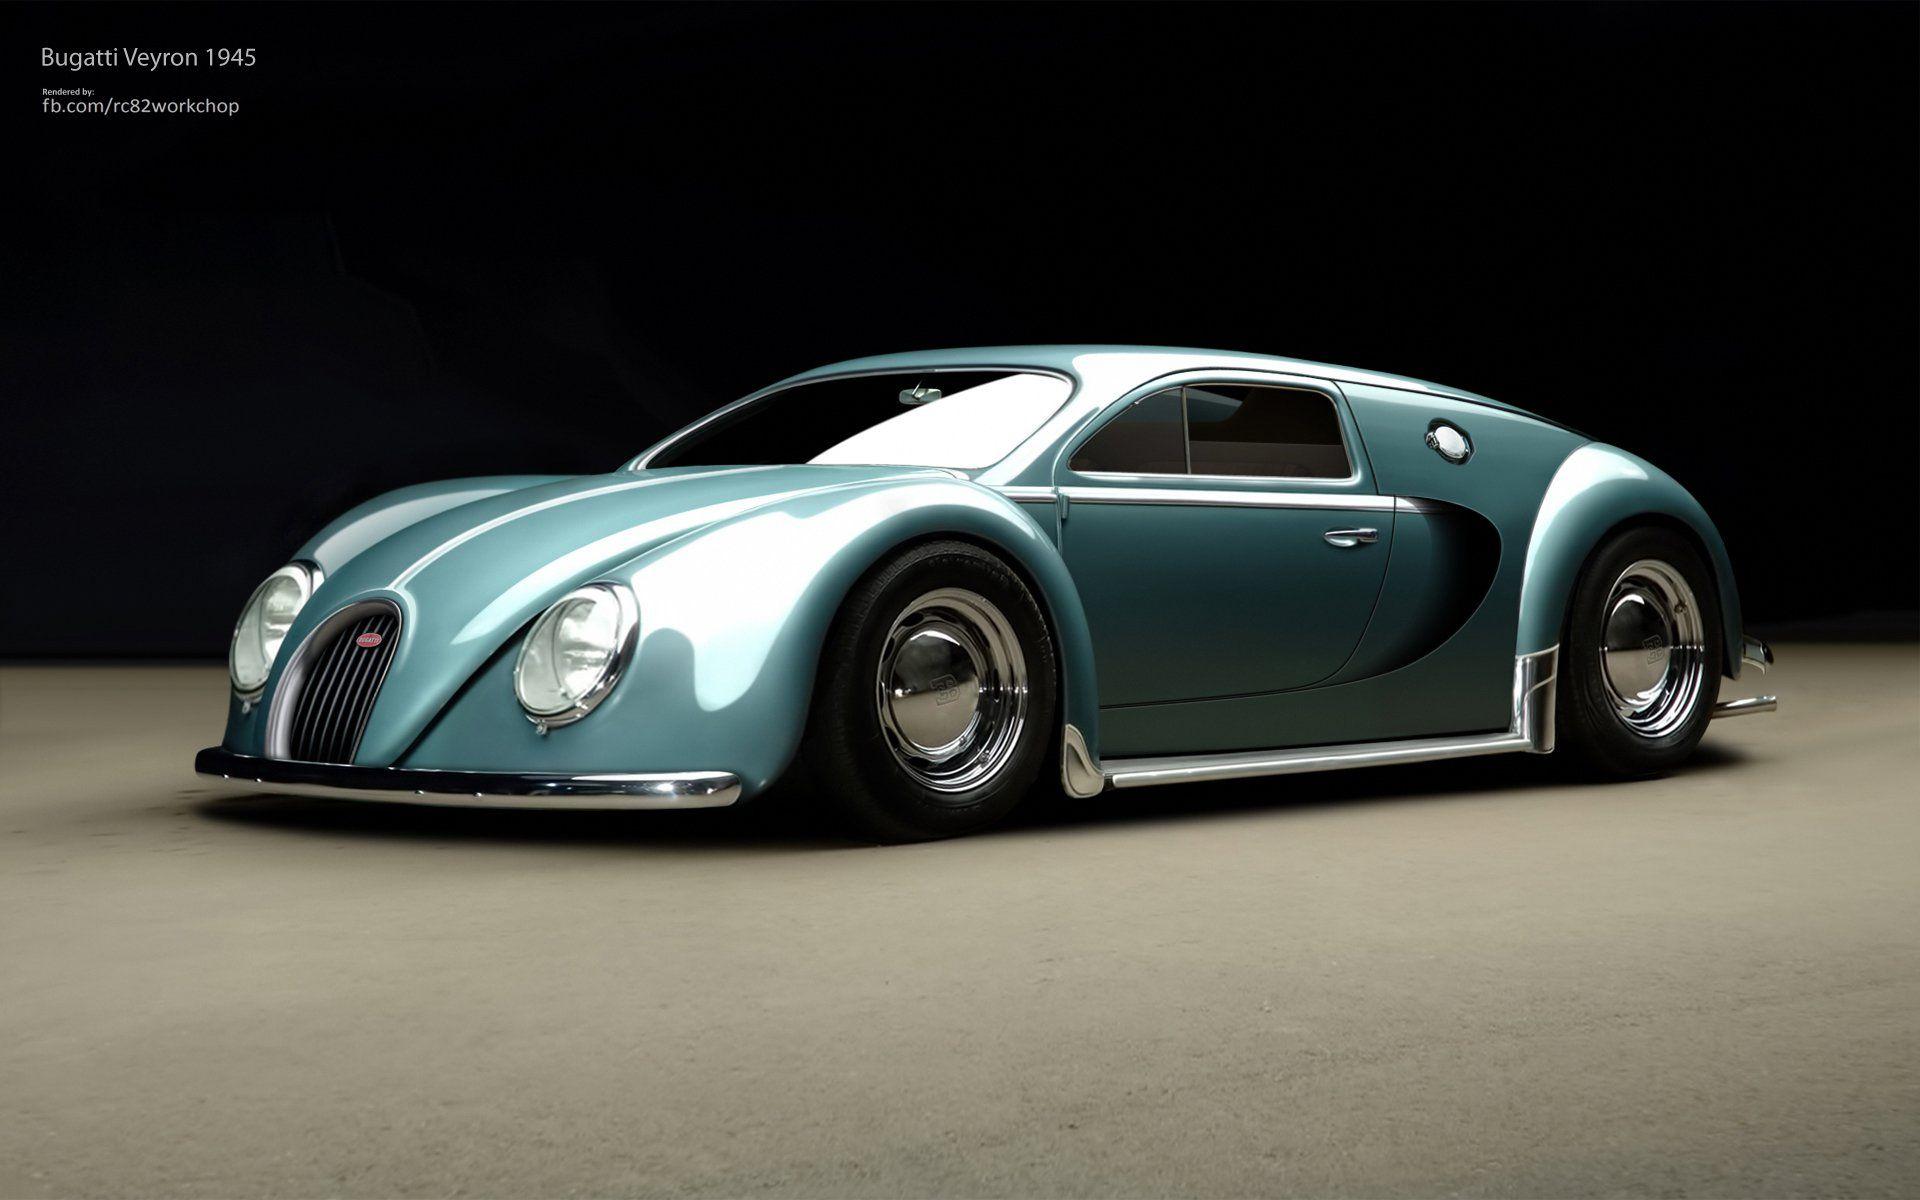 e5388434ad7ef9423b46e373820c93e6 Stunning Bugatti Veyron Price In Brazil Cars Trend